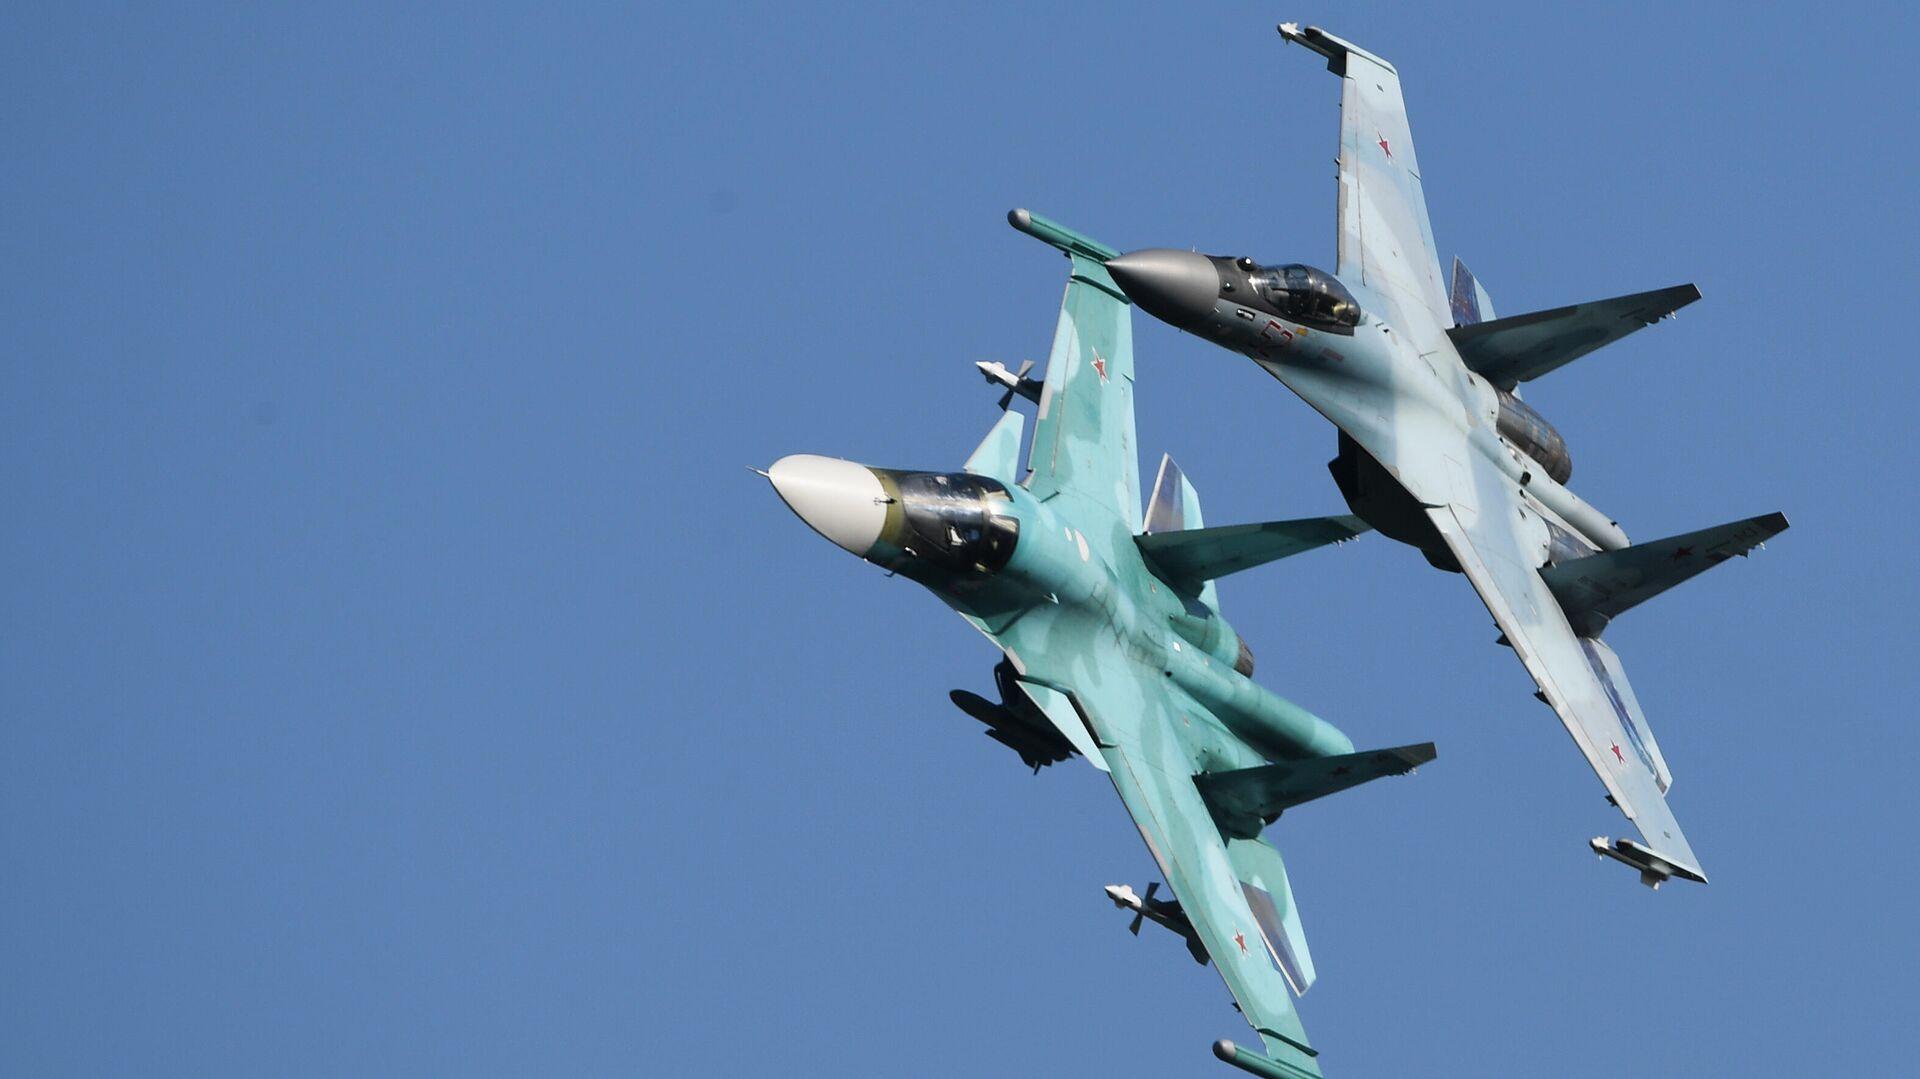 Российские многоцелевые истребители Су-35С (справа) и Су-34 выполняют полет на Международном авиационно-космическом салоне МАКС-2019 - РИА Новости, 1920, 09.04.2021